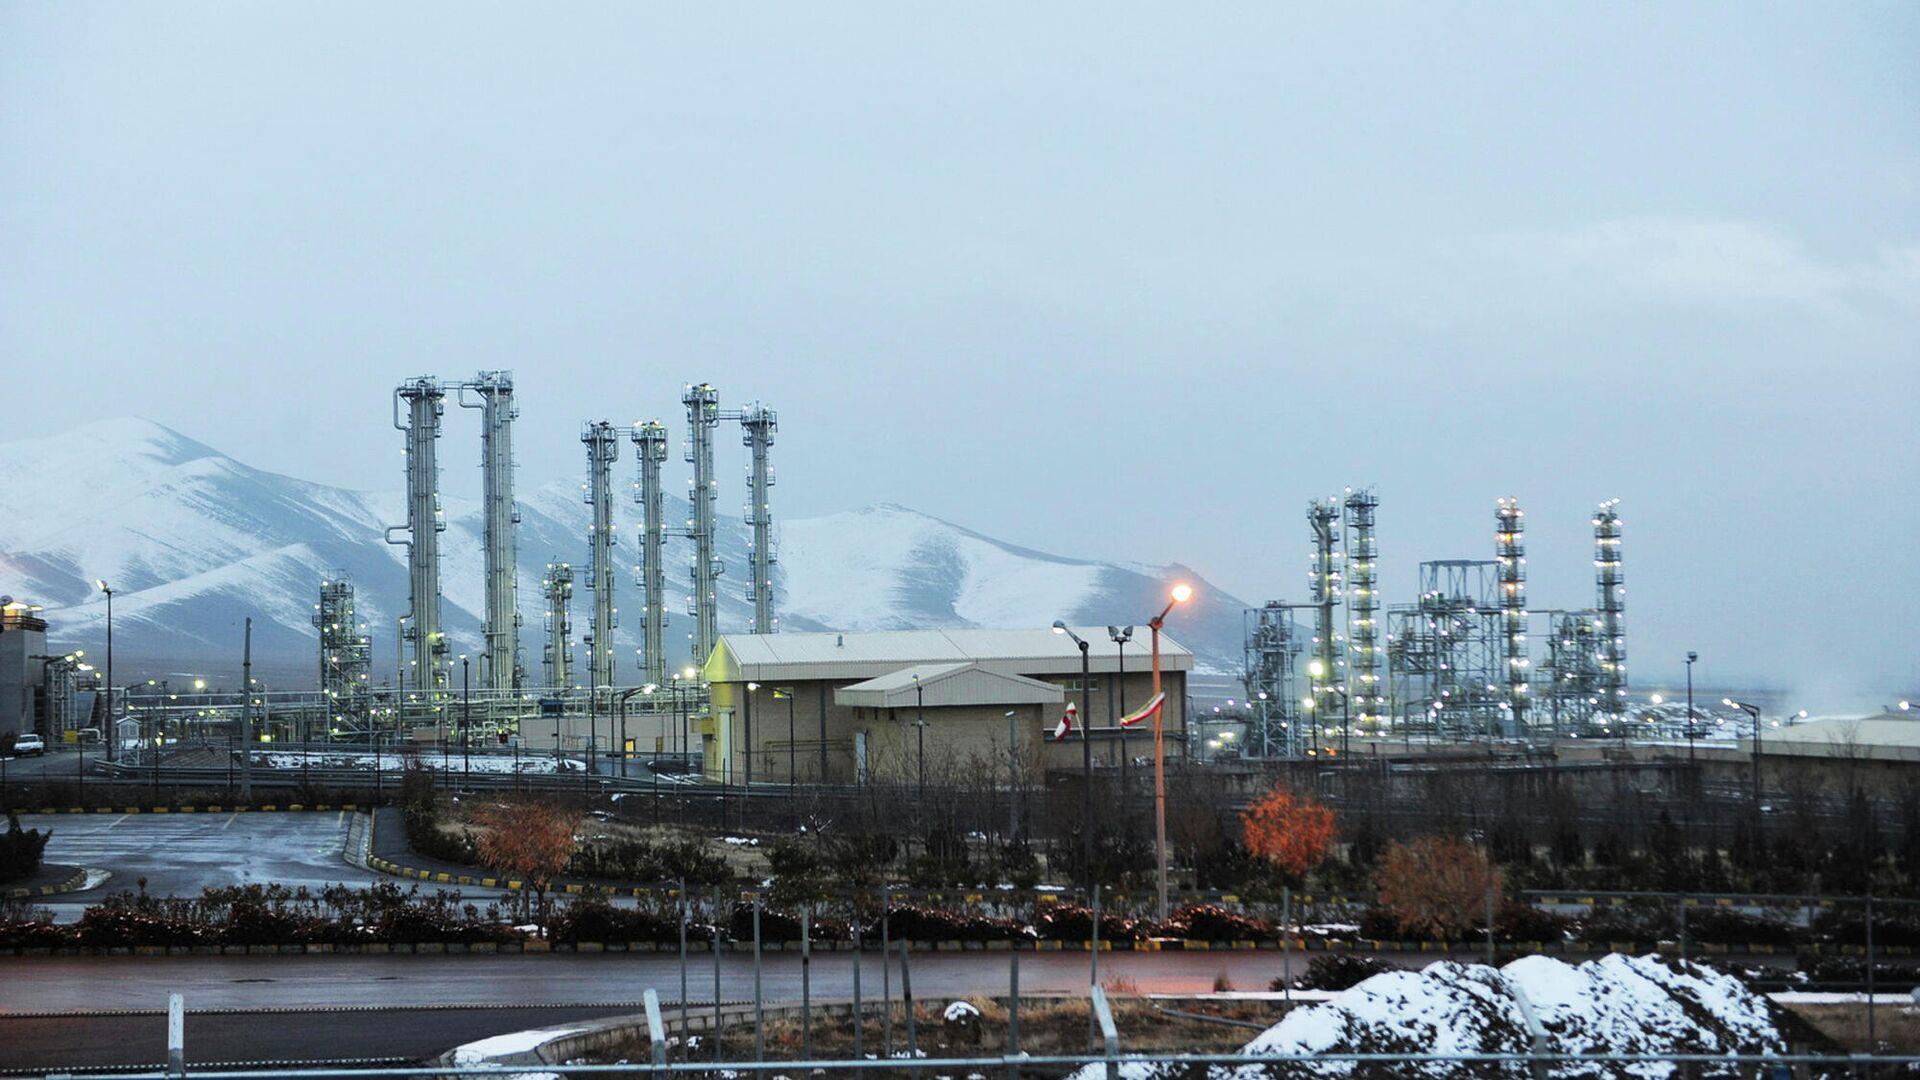 Тяжеловодный ядерный реактор в Араке, Иран - РИА Новости, 1920, 14.07.2020